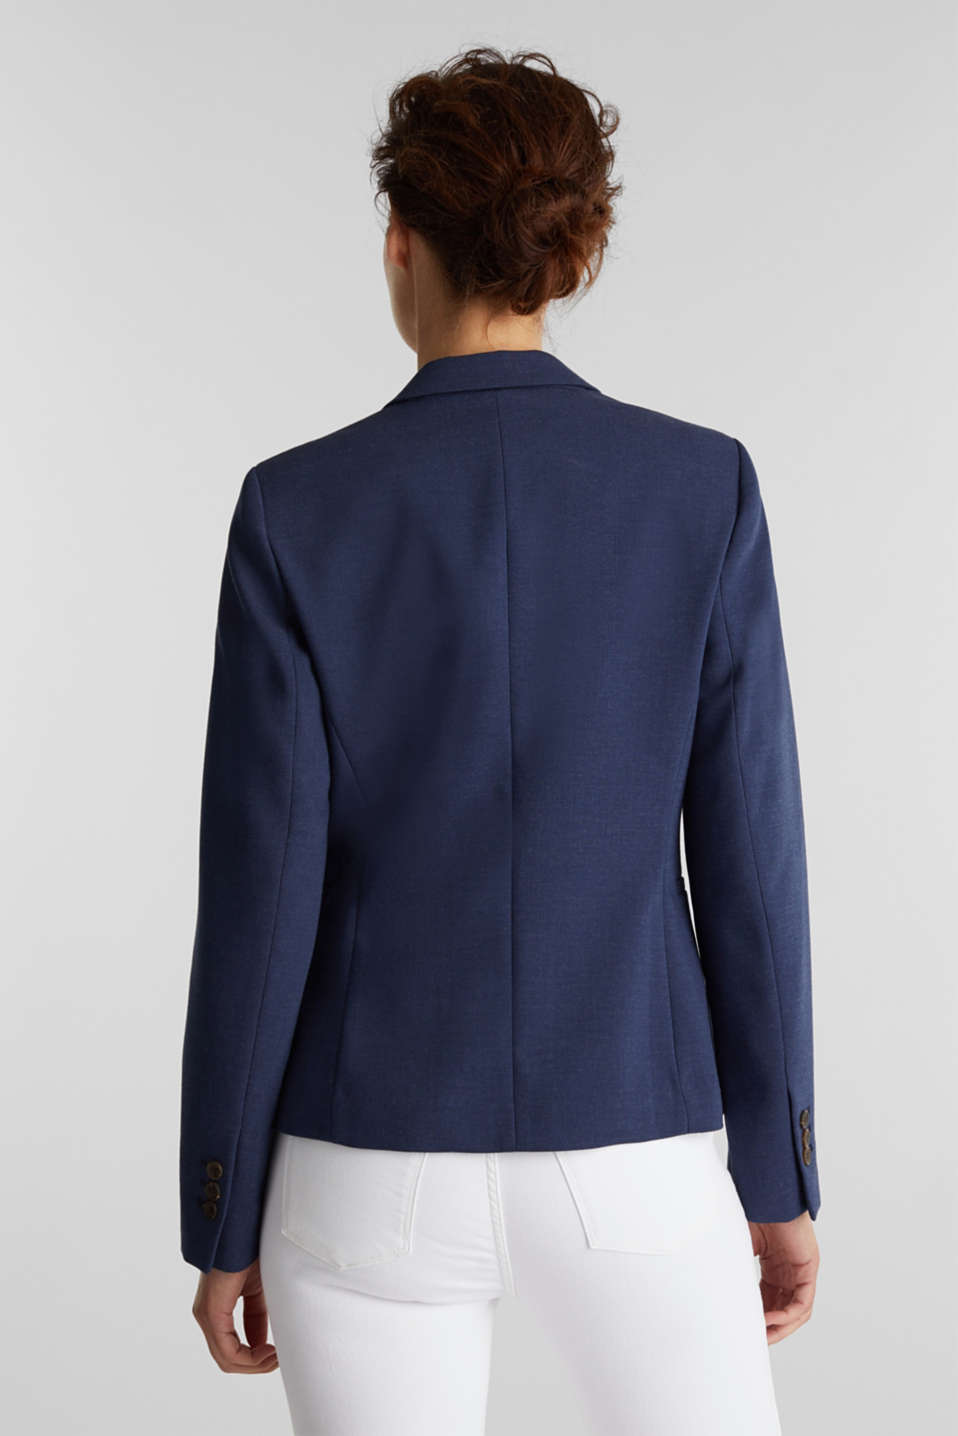 SUMMER BIZ mix + match blazer, GREY BLUE 5, detail image number 3